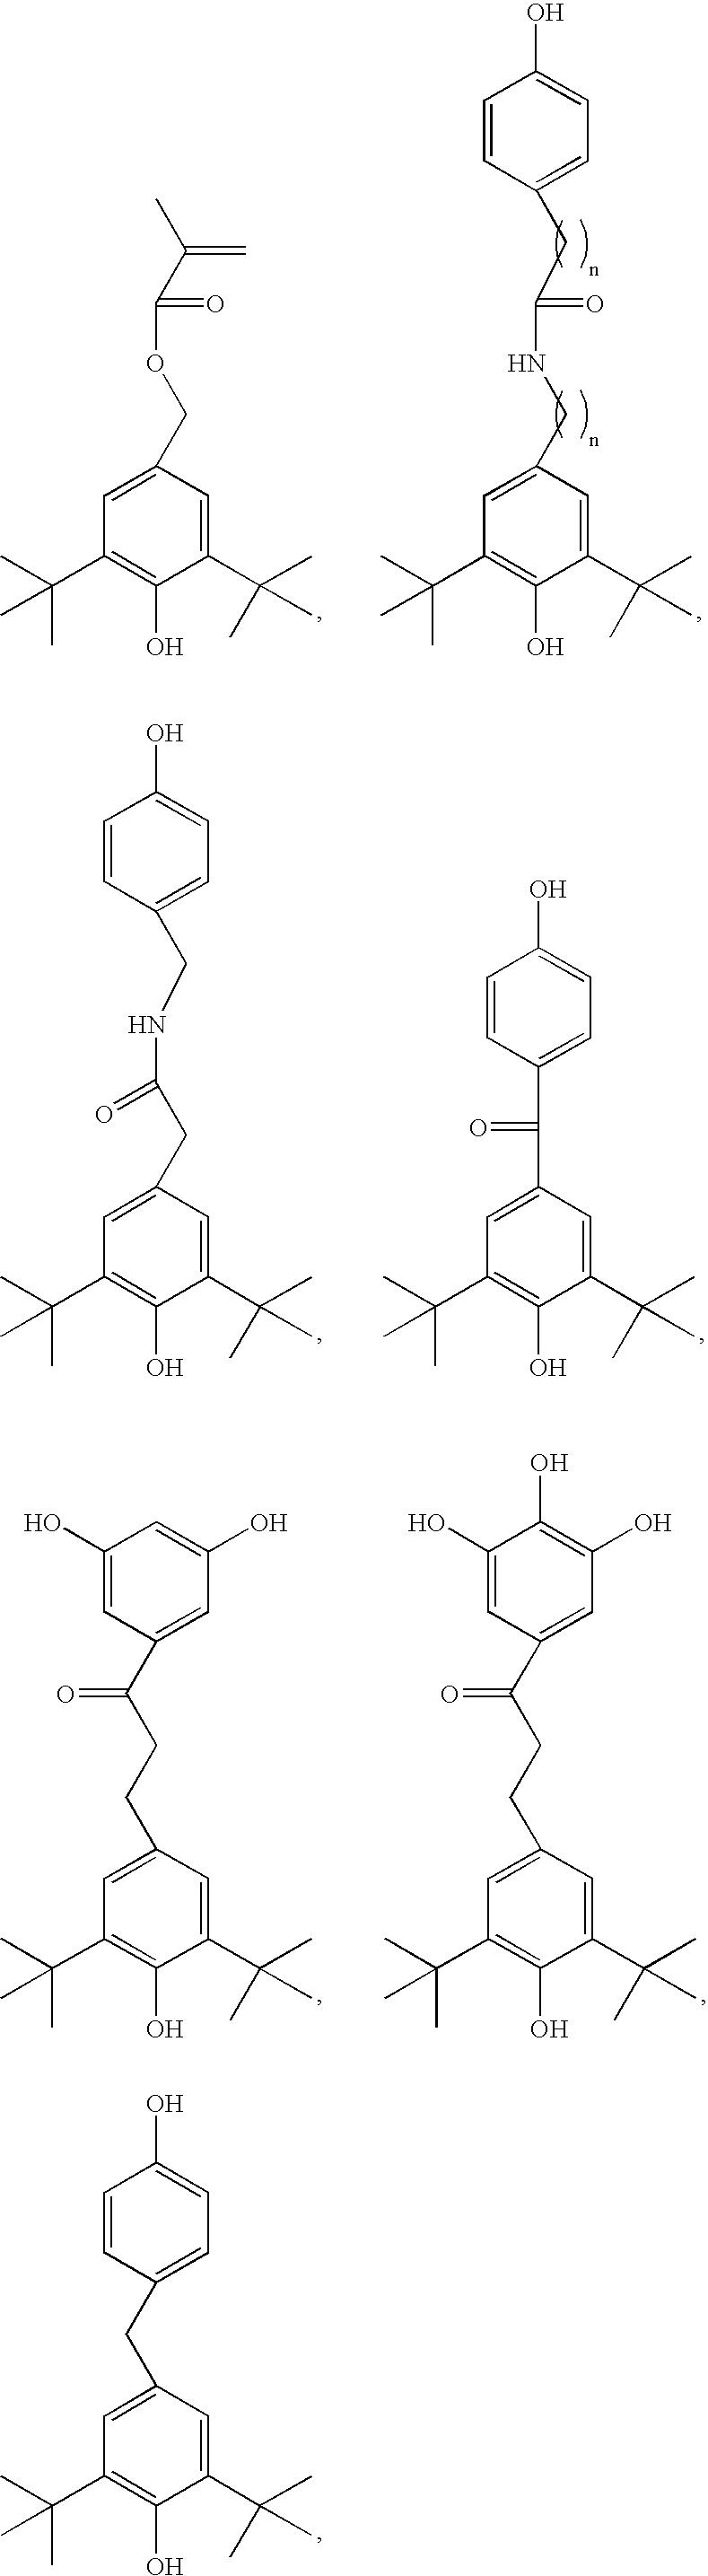 Figure US07705075-20100427-C00037